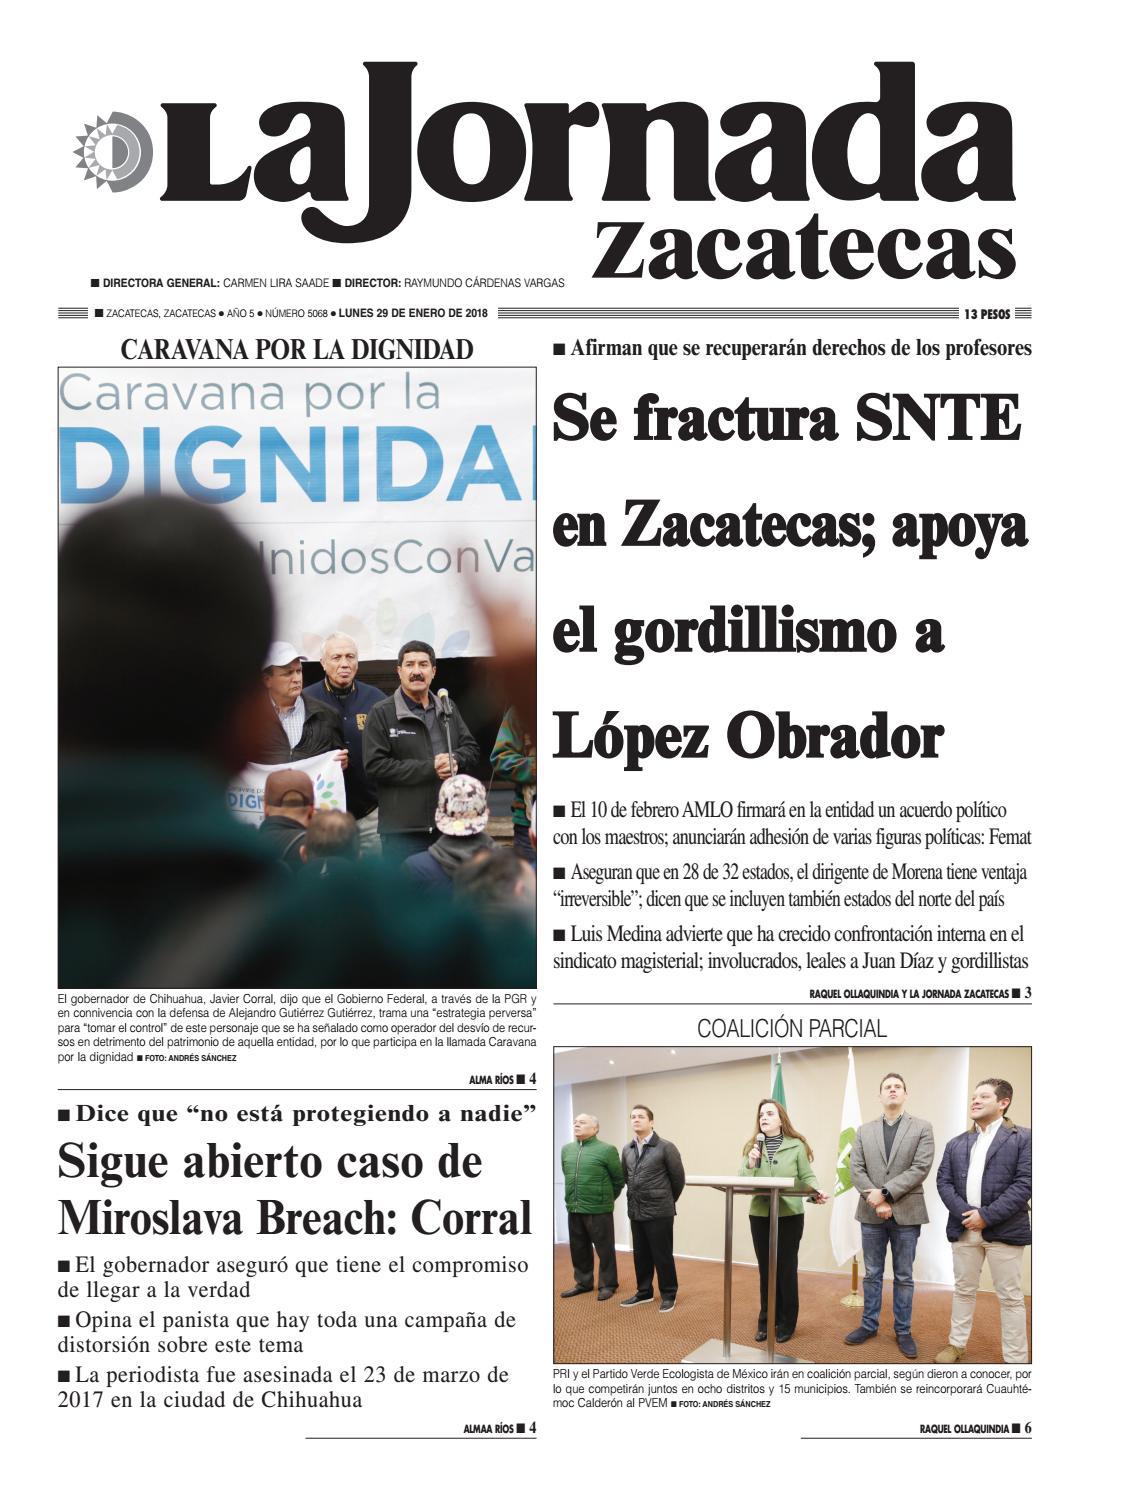 La Jornada Zacatecas, Lunes 29 de Enero del 2018 by La Jornada ...